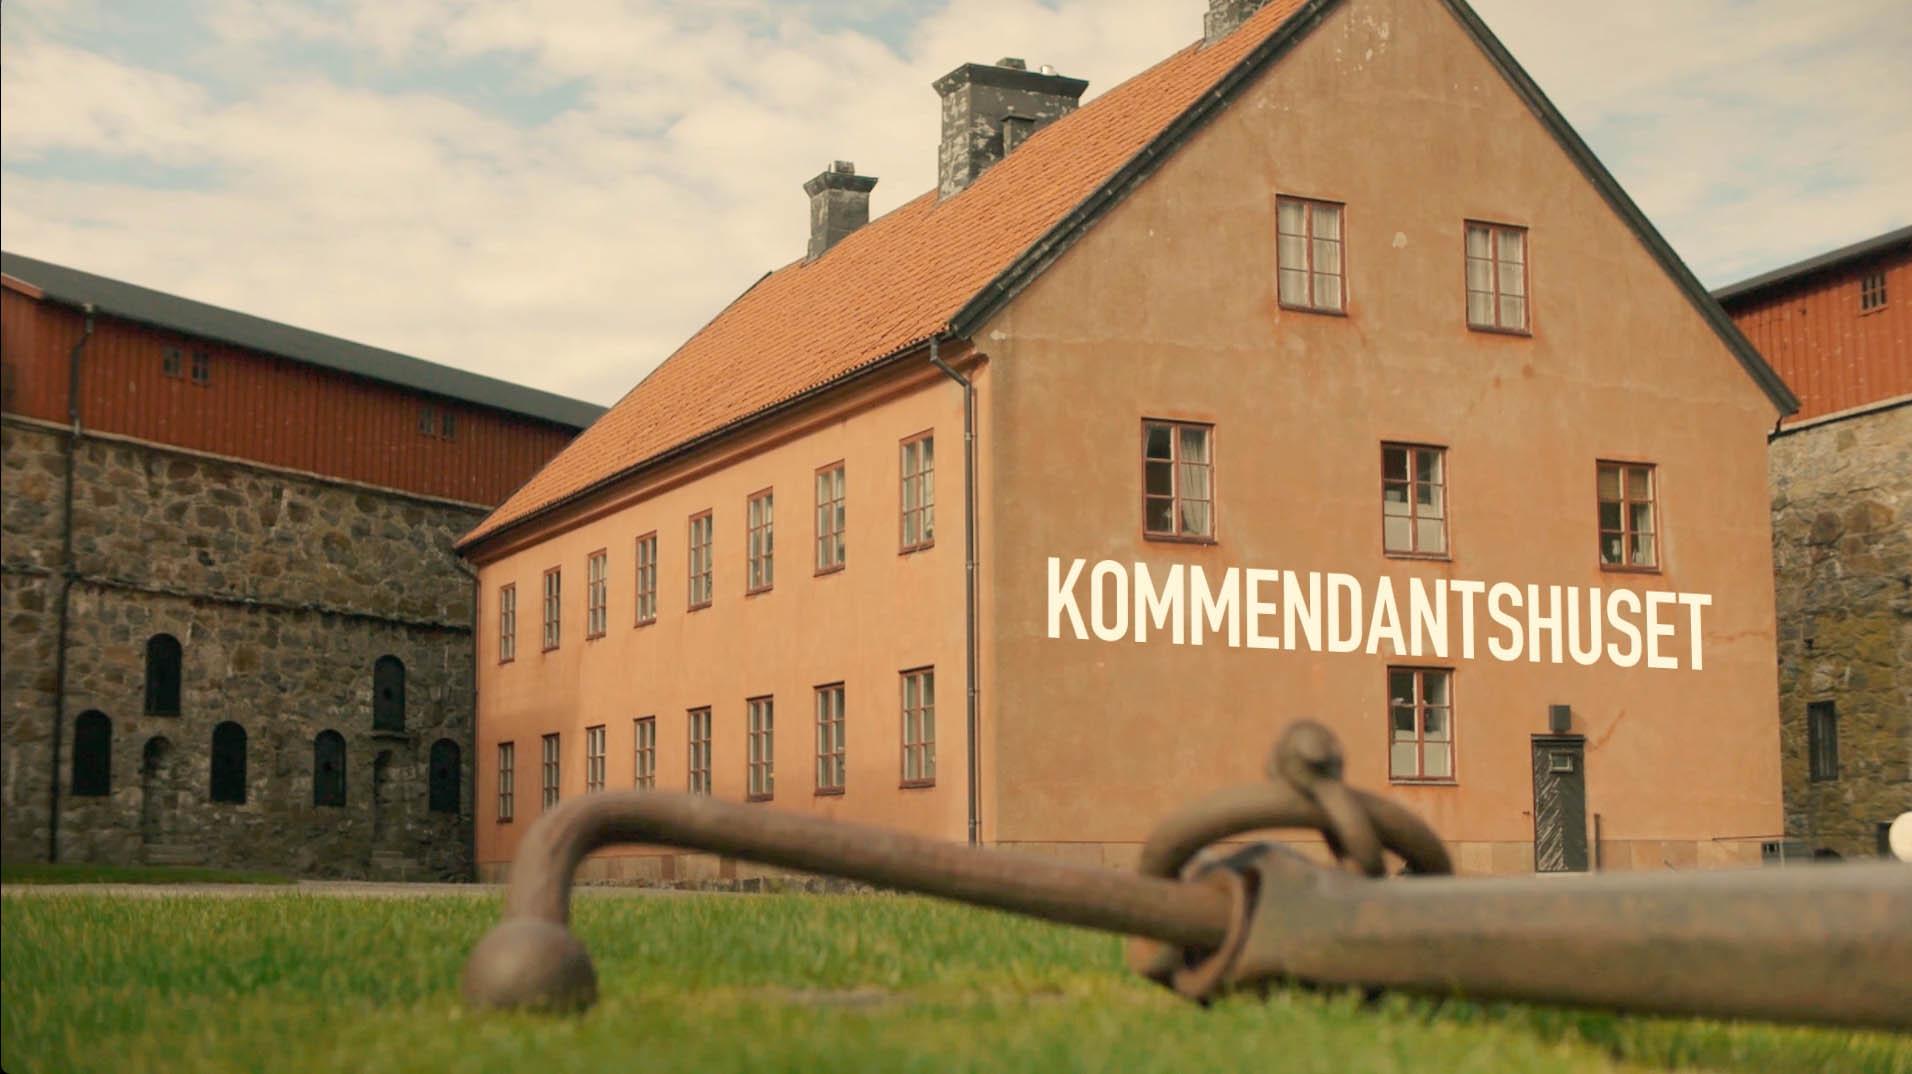 Kommendantshuset Carlstens Fästning